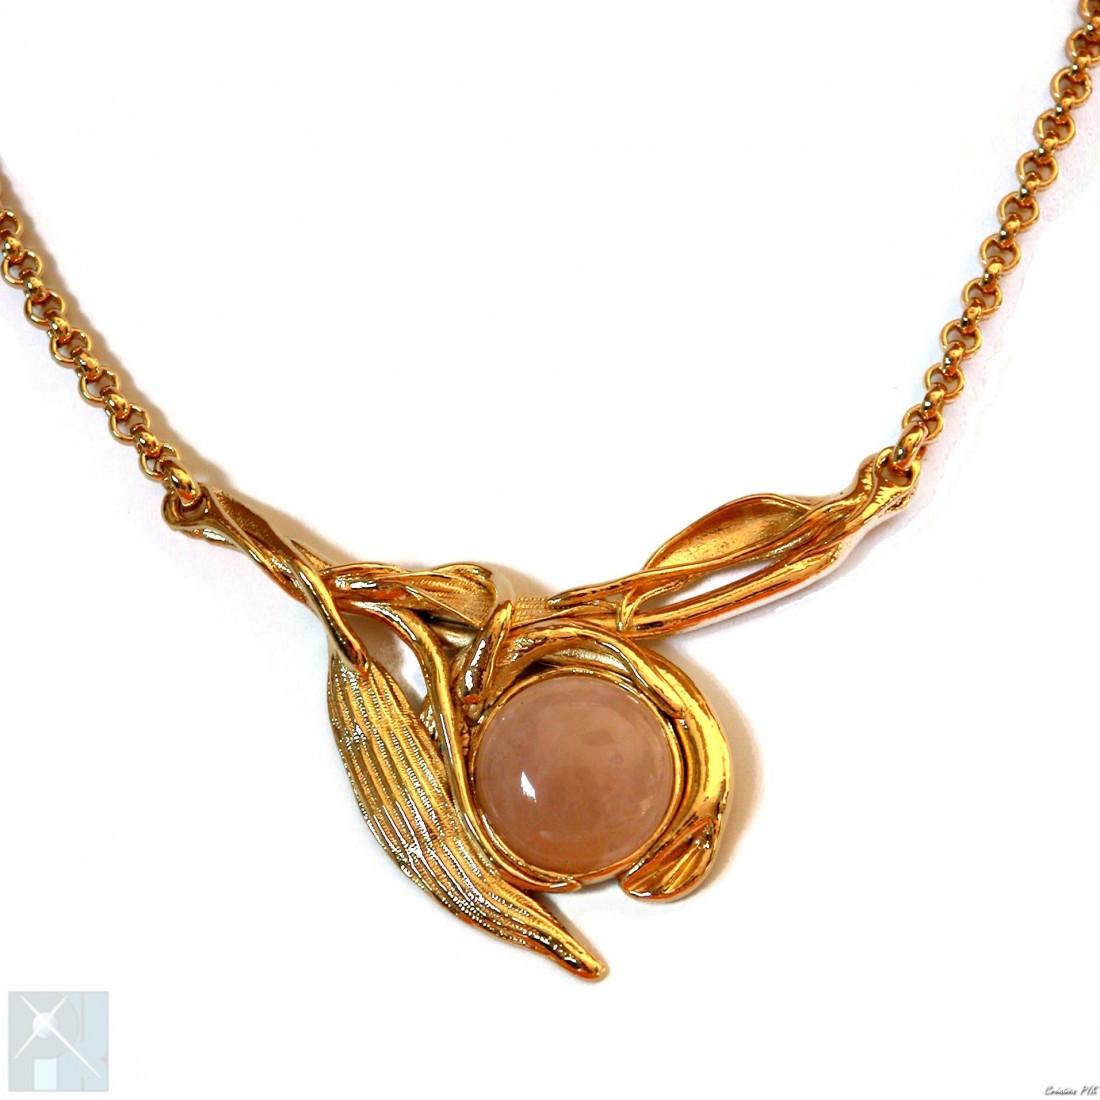 Collier plaqué or avec pierre fine, quartz rose.